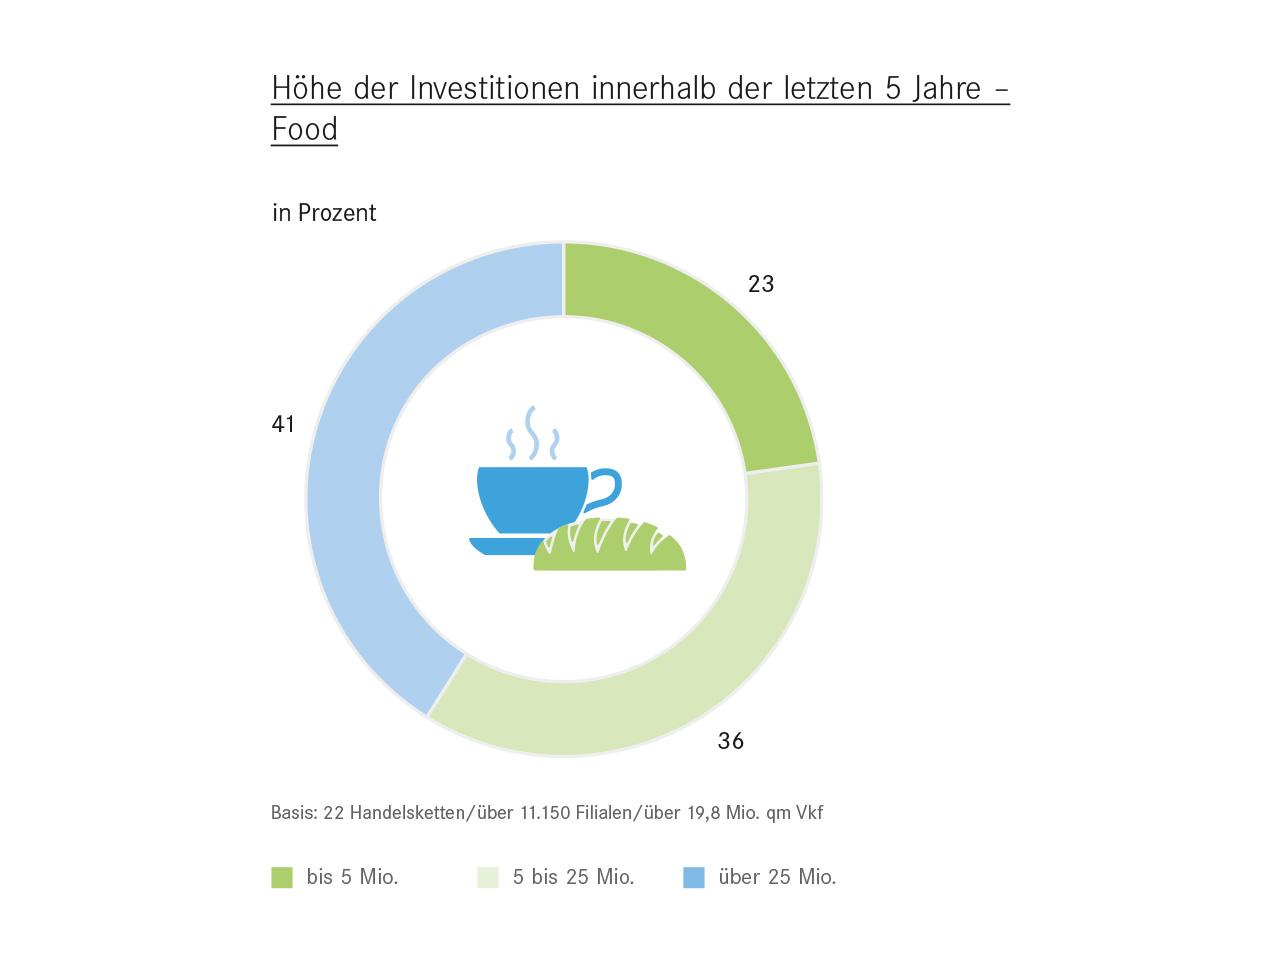 Höhe der Investitionen innerhalb der letzten 5 Jahre - Food